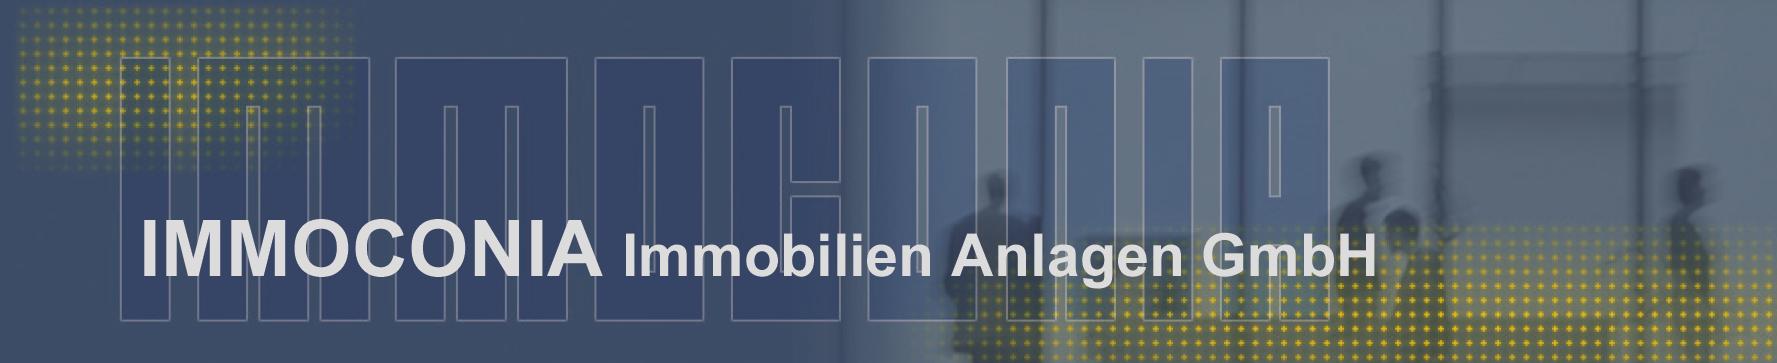 IMMOCONIA Immobilien Anlagen GmbH